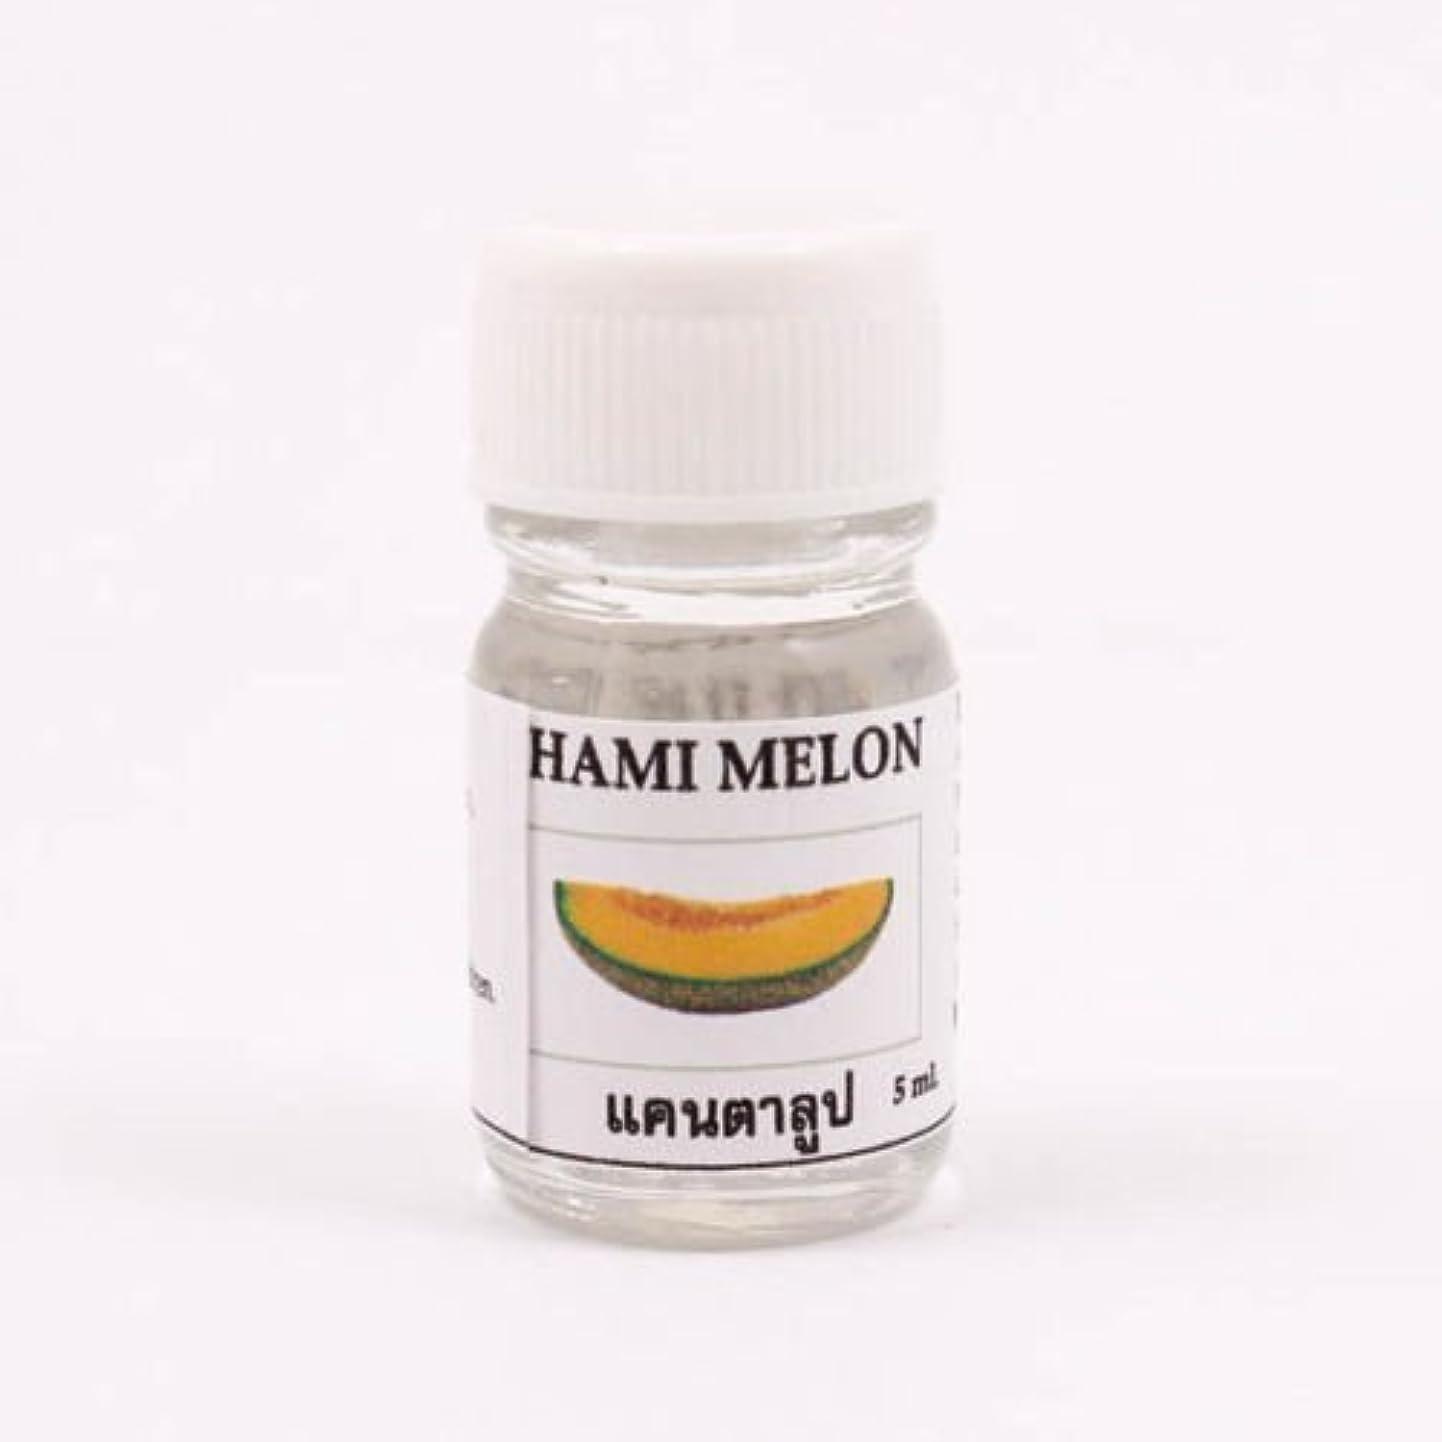 青目立つ実現可能性6X Hami Melon Aroma Fragrance Essential Oil 5ML cc Diffuser Burner Therapy